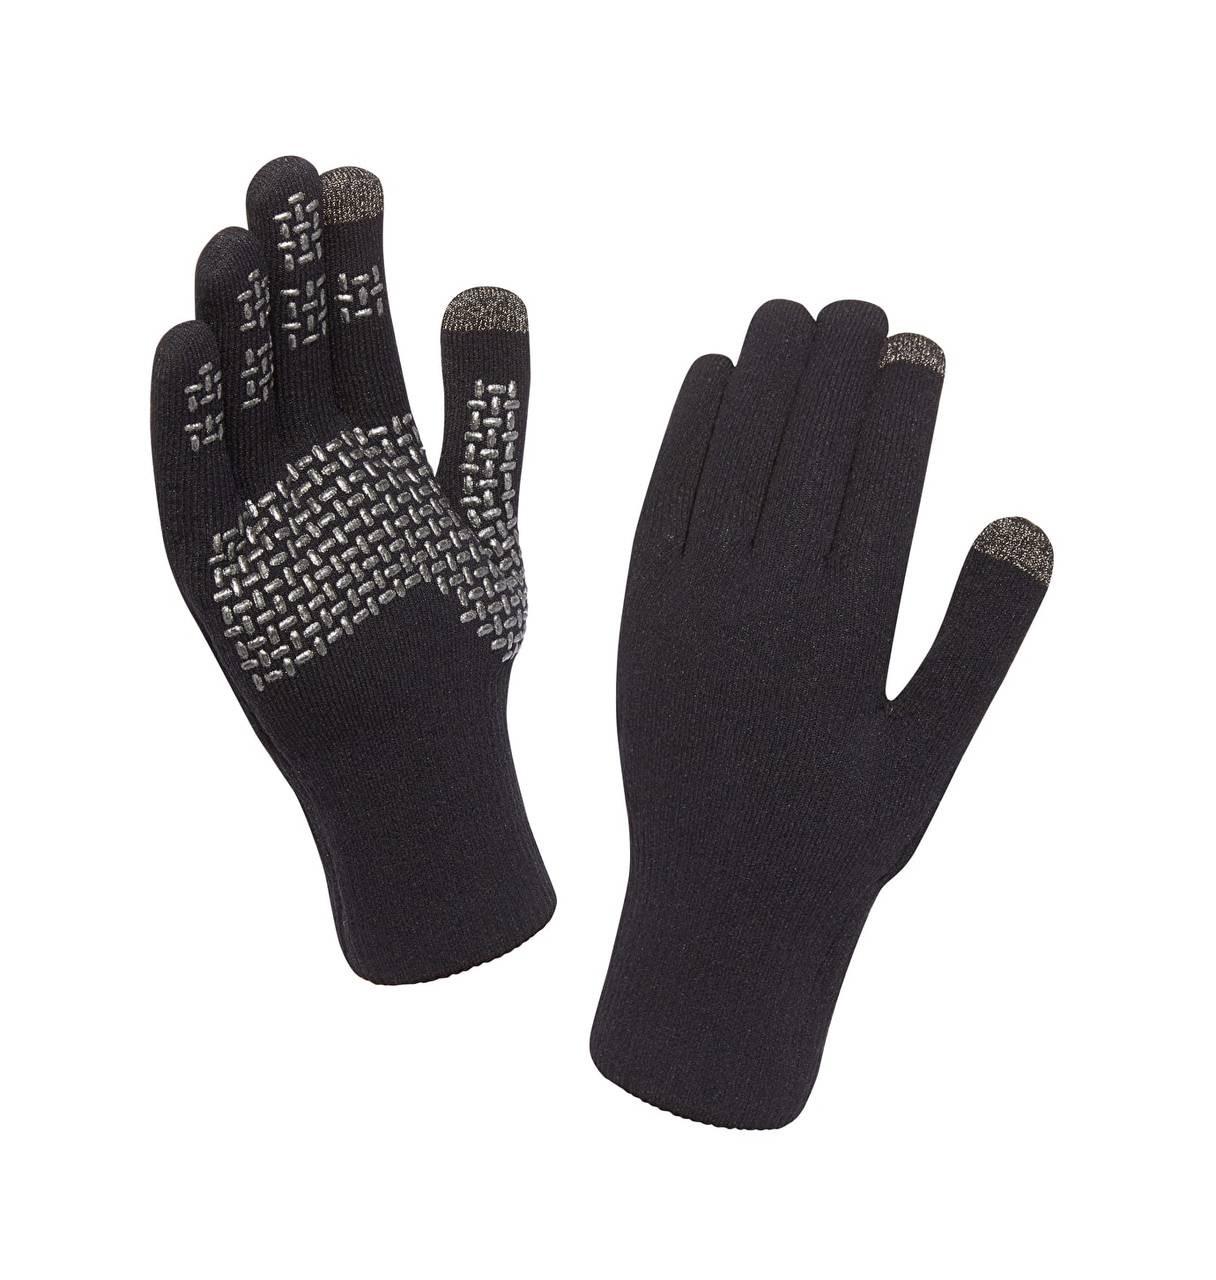 SealSkinz Waterproof Ultra Grip Gloves